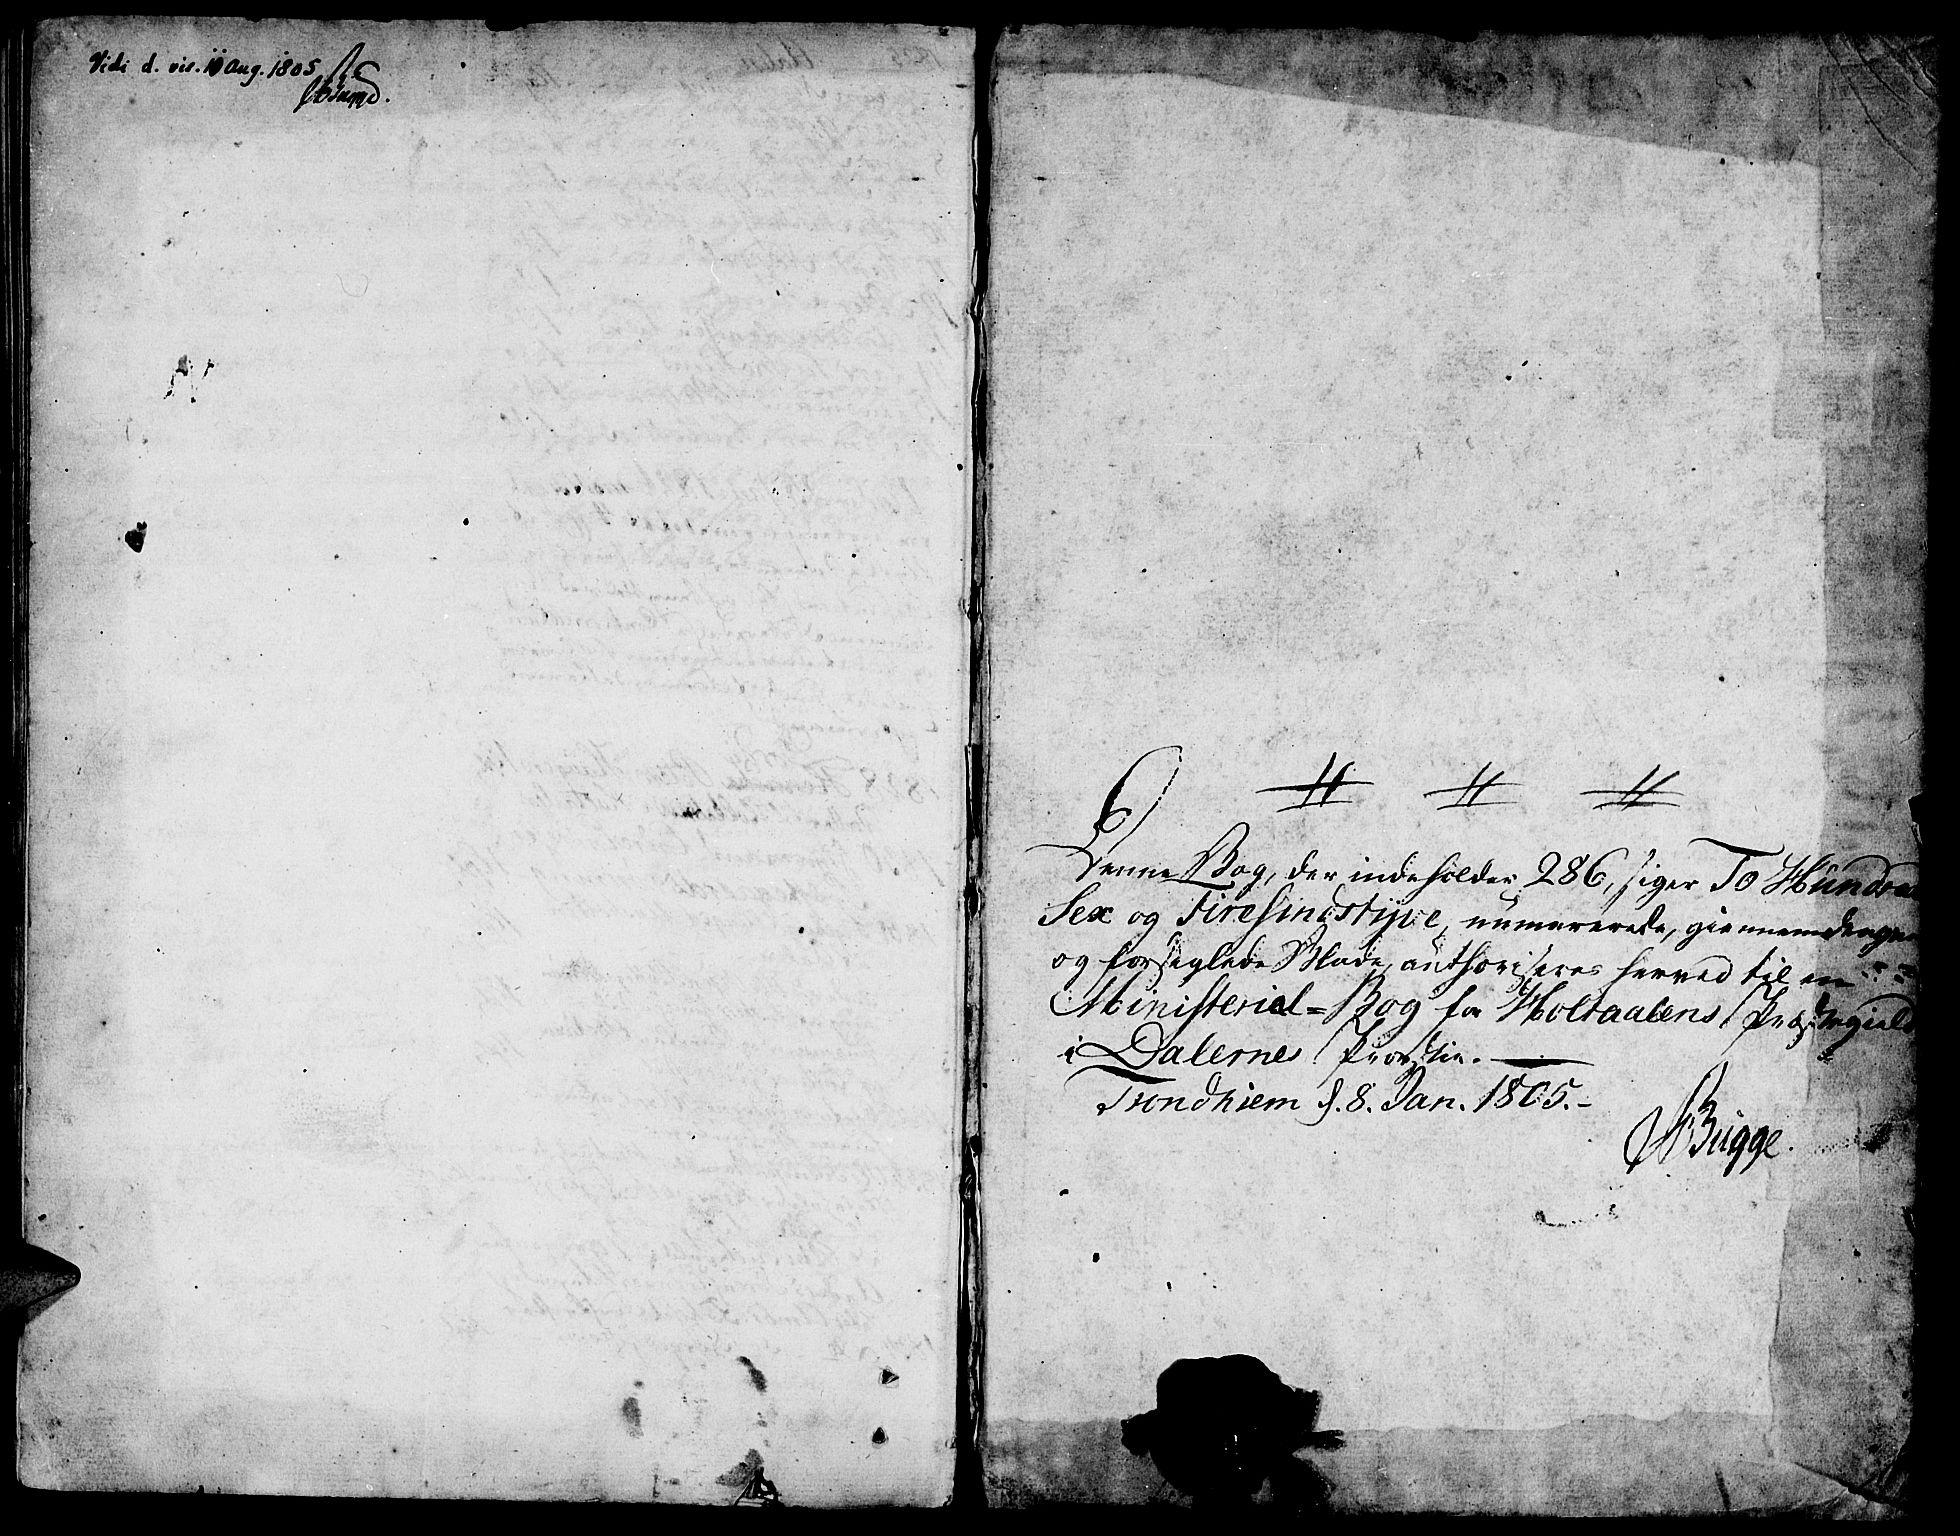 SAT, Ministerialprotokoller, klokkerbøker og fødselsregistre - Sør-Trøndelag, 685/L0953: Ministerialbok nr. 685A02, 1805-1816